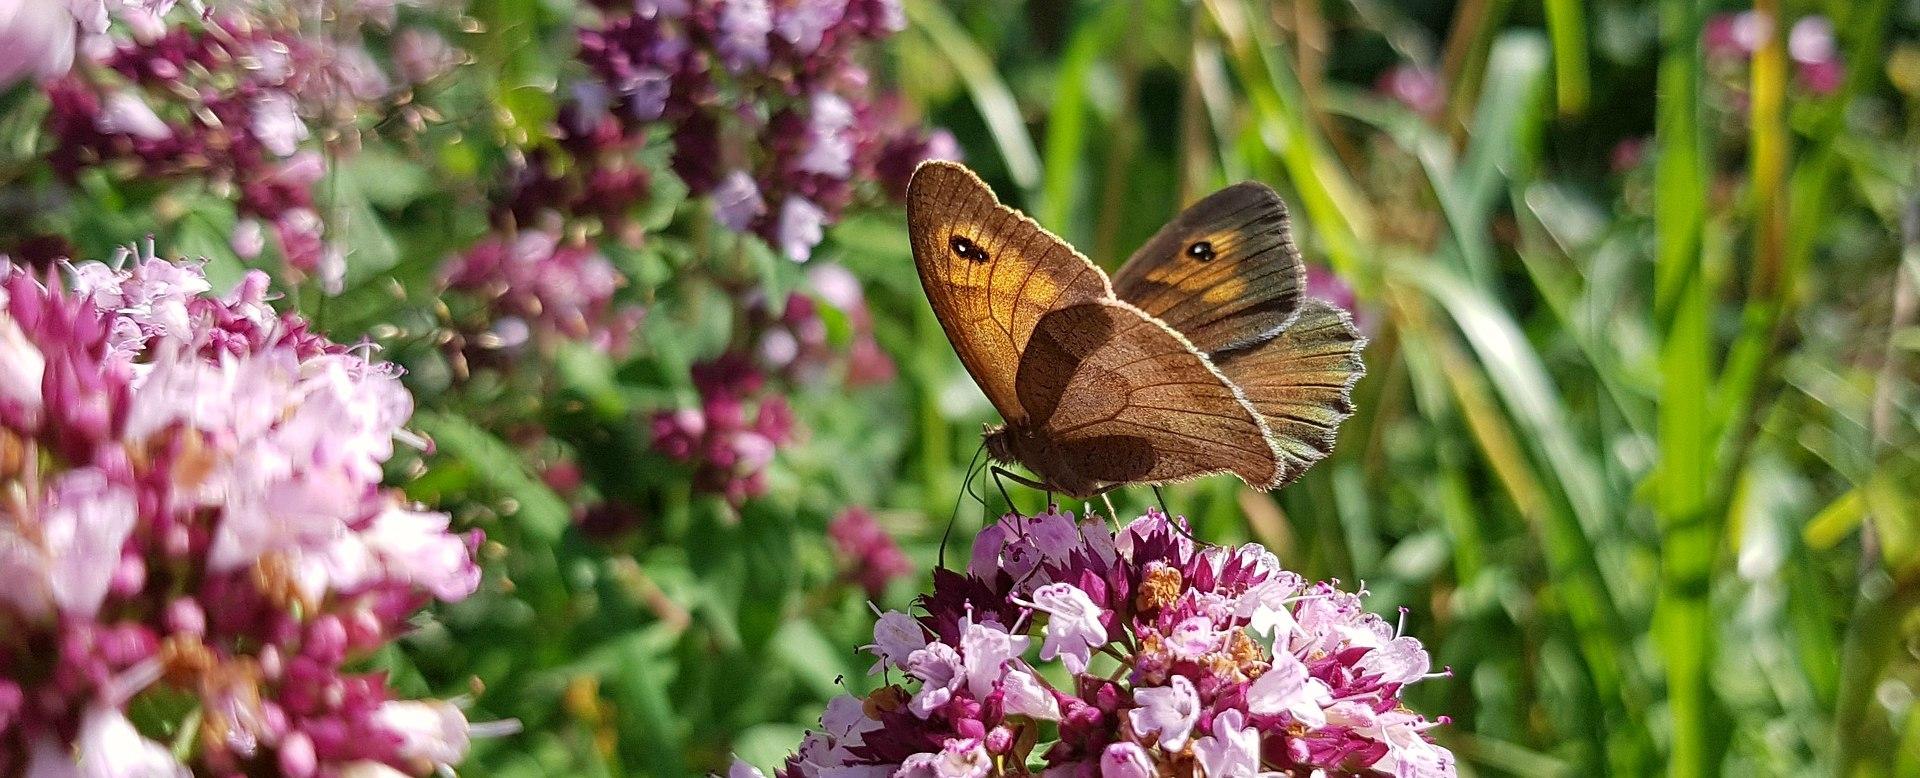 Butterfly, © Pixabay